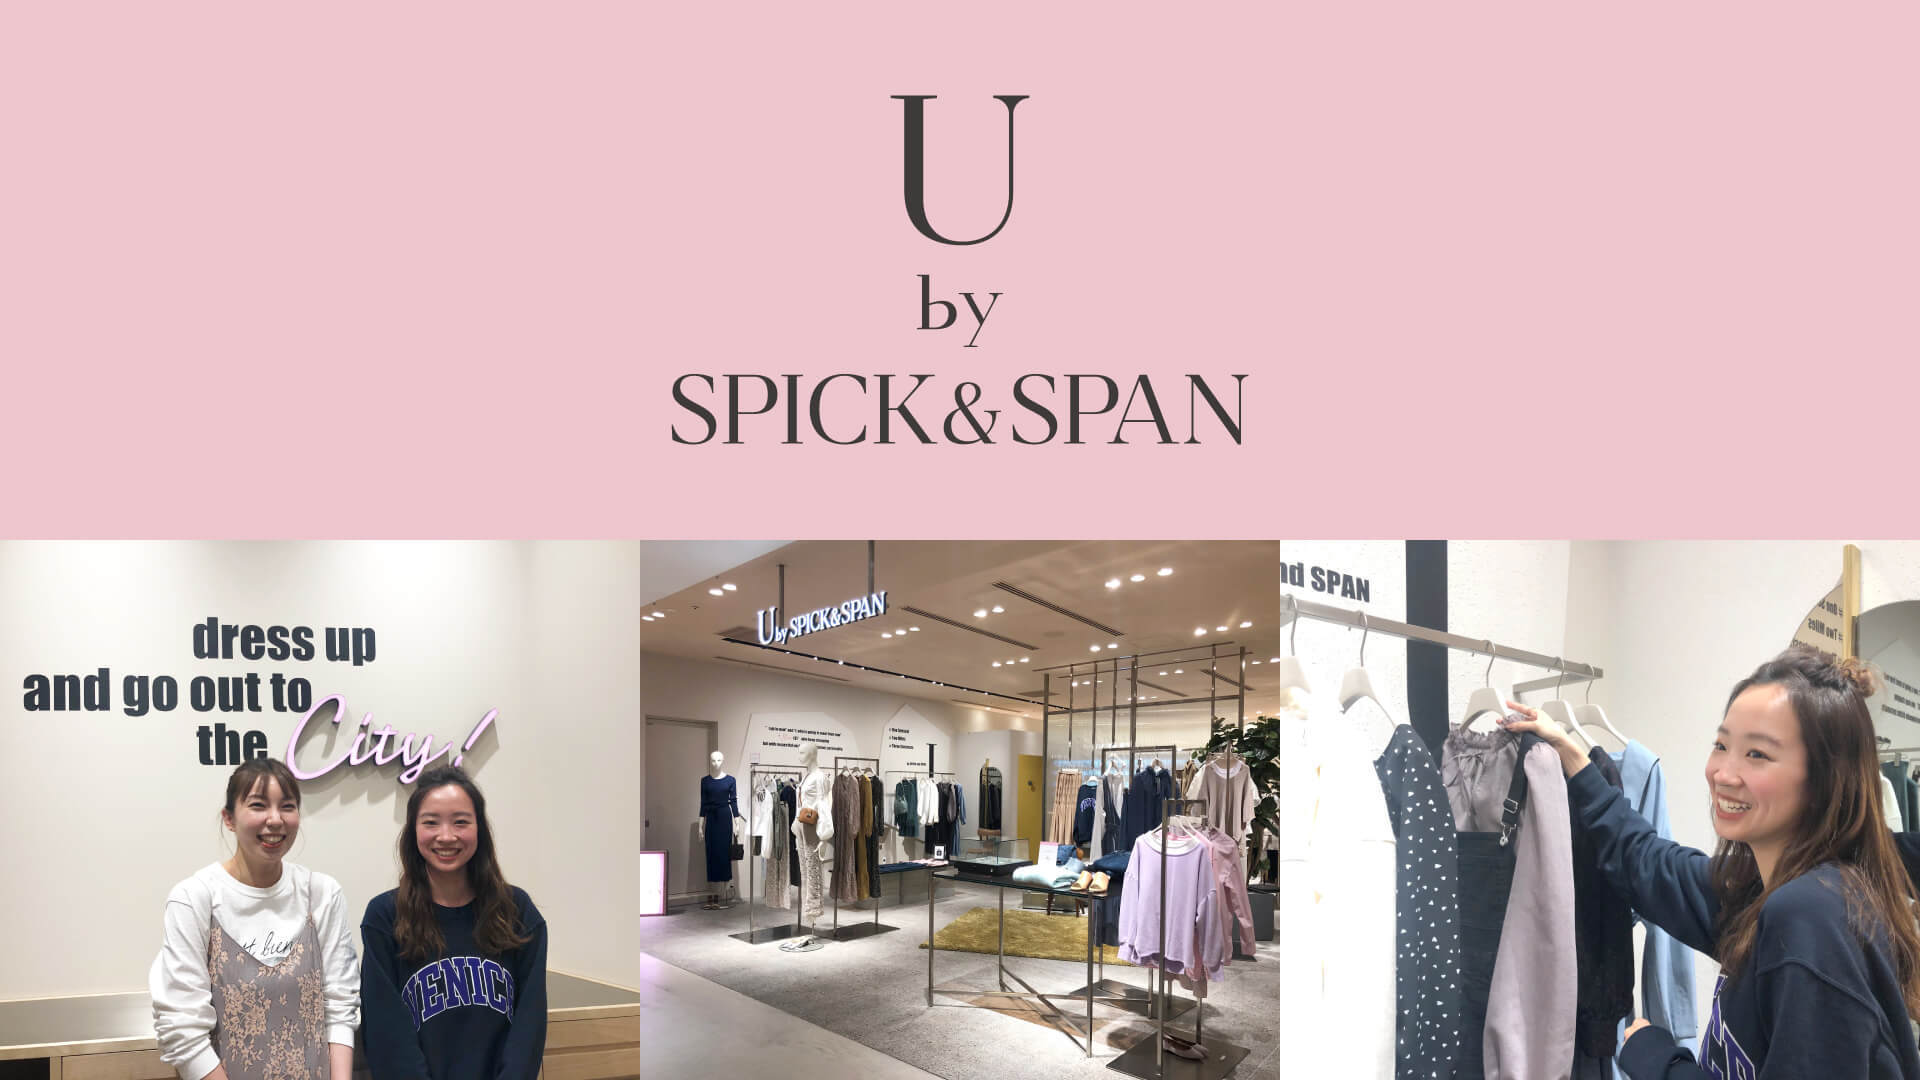 【BAYCREWS】Uby Spick&Span 渋谷/新宿/池袋 同時募集!のカバー写真